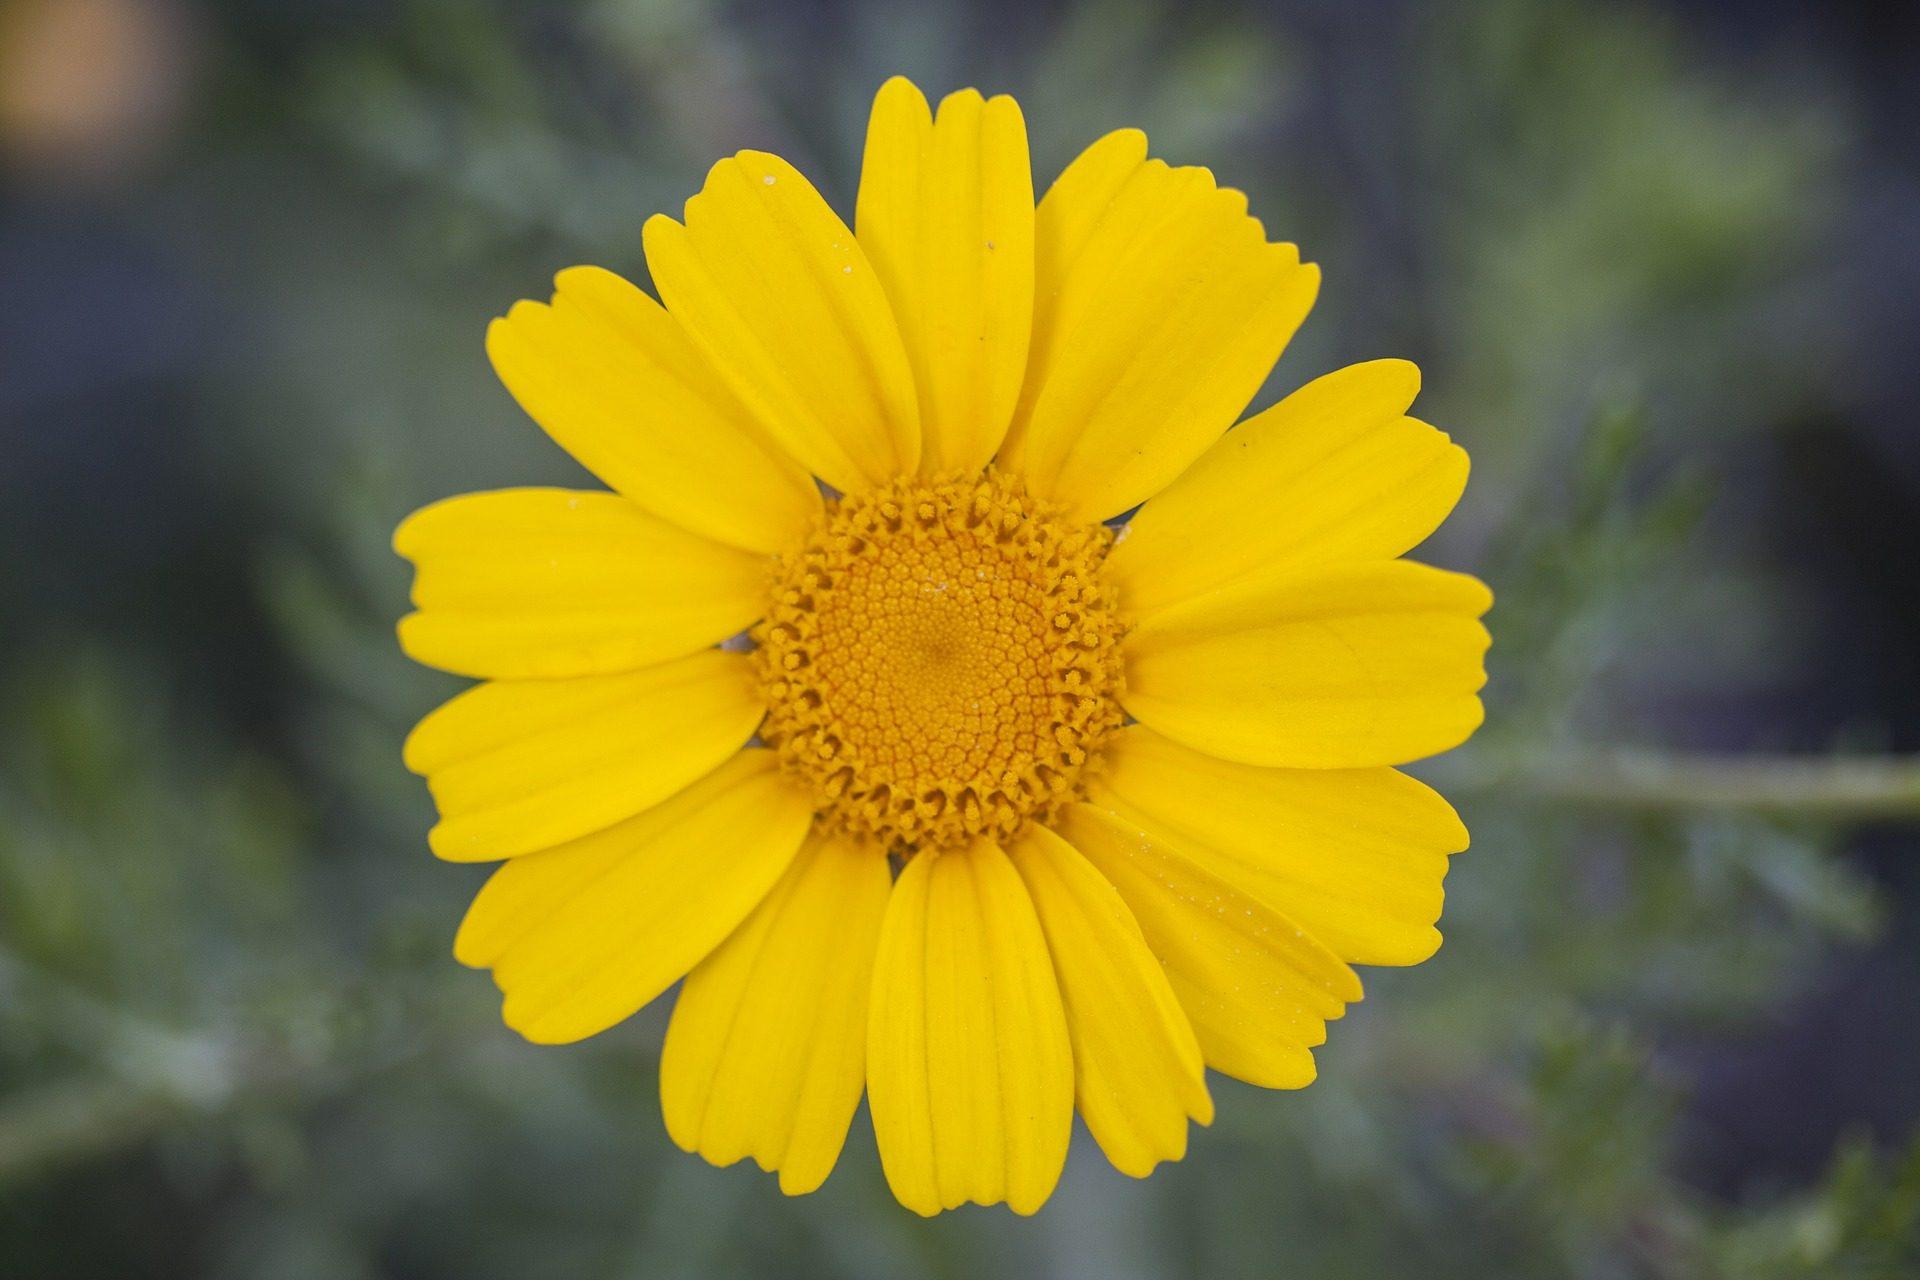 Margarita, fiore, petali di, Giallo, polline, circa - Sfondi HD - Professor-falken.com